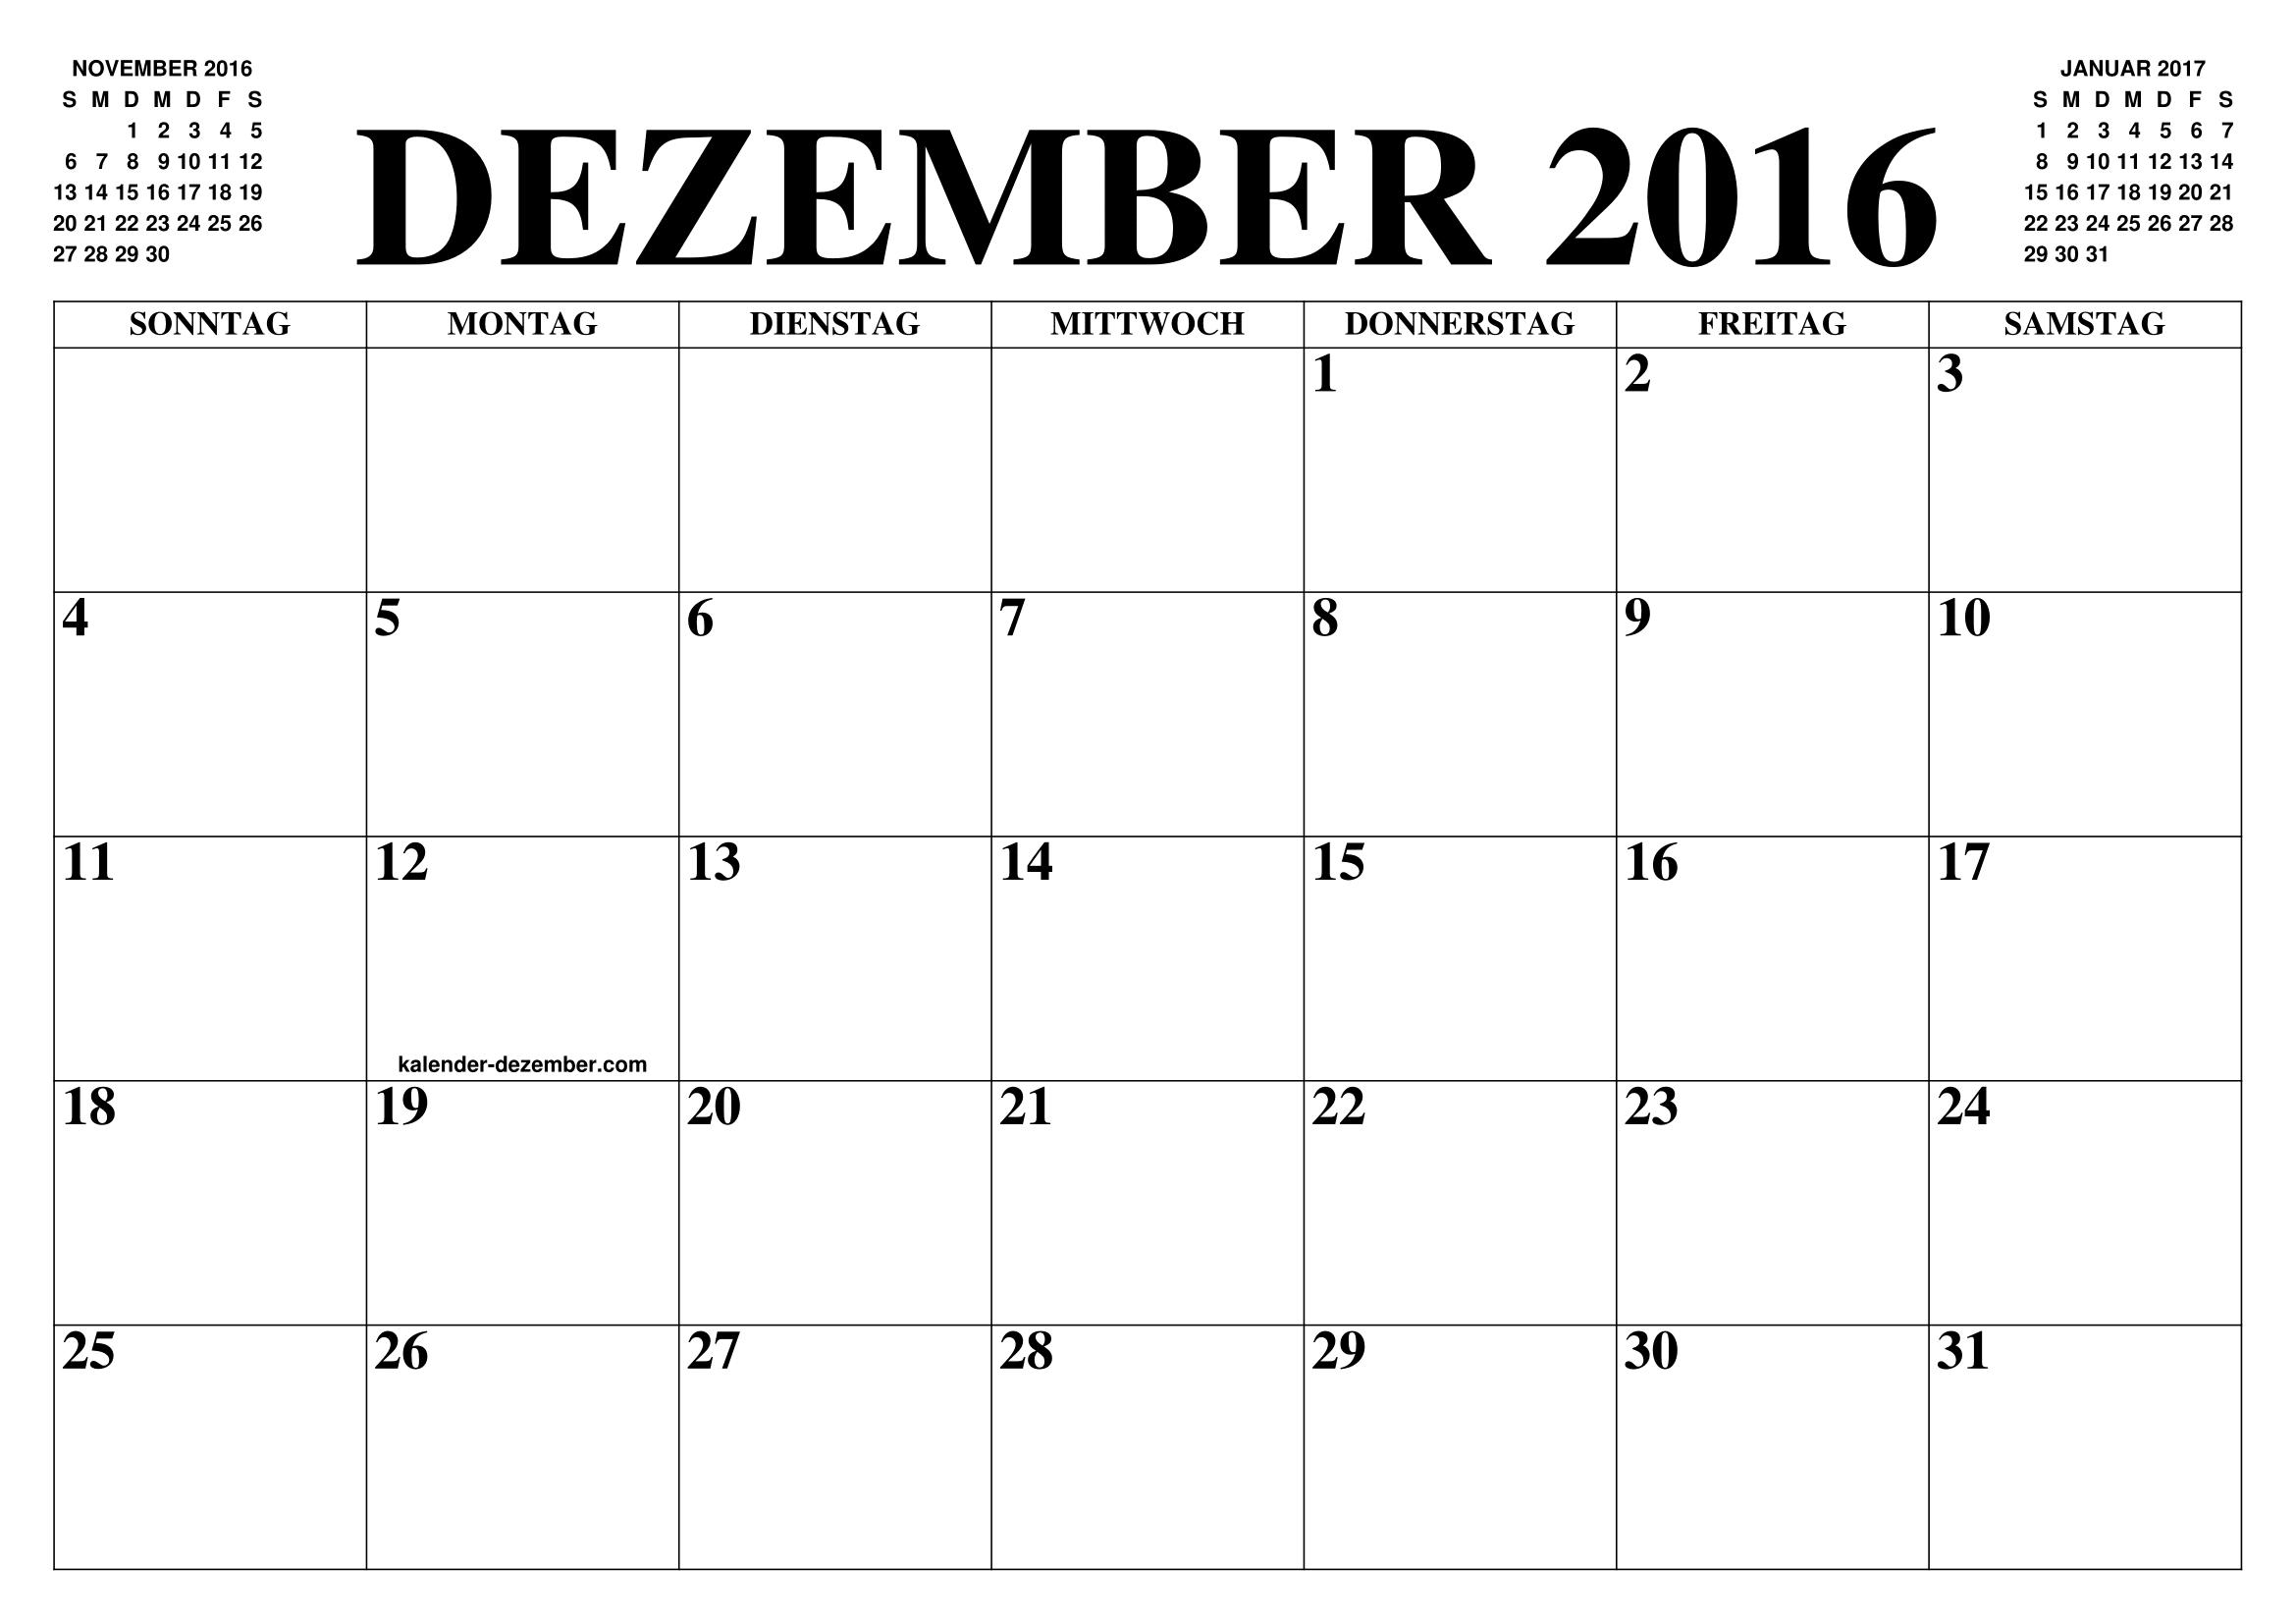 kalender dezember 2016 dezember kalender zum ausdrucken gratis monat und jahr agenda. Black Bedroom Furniture Sets. Home Design Ideas